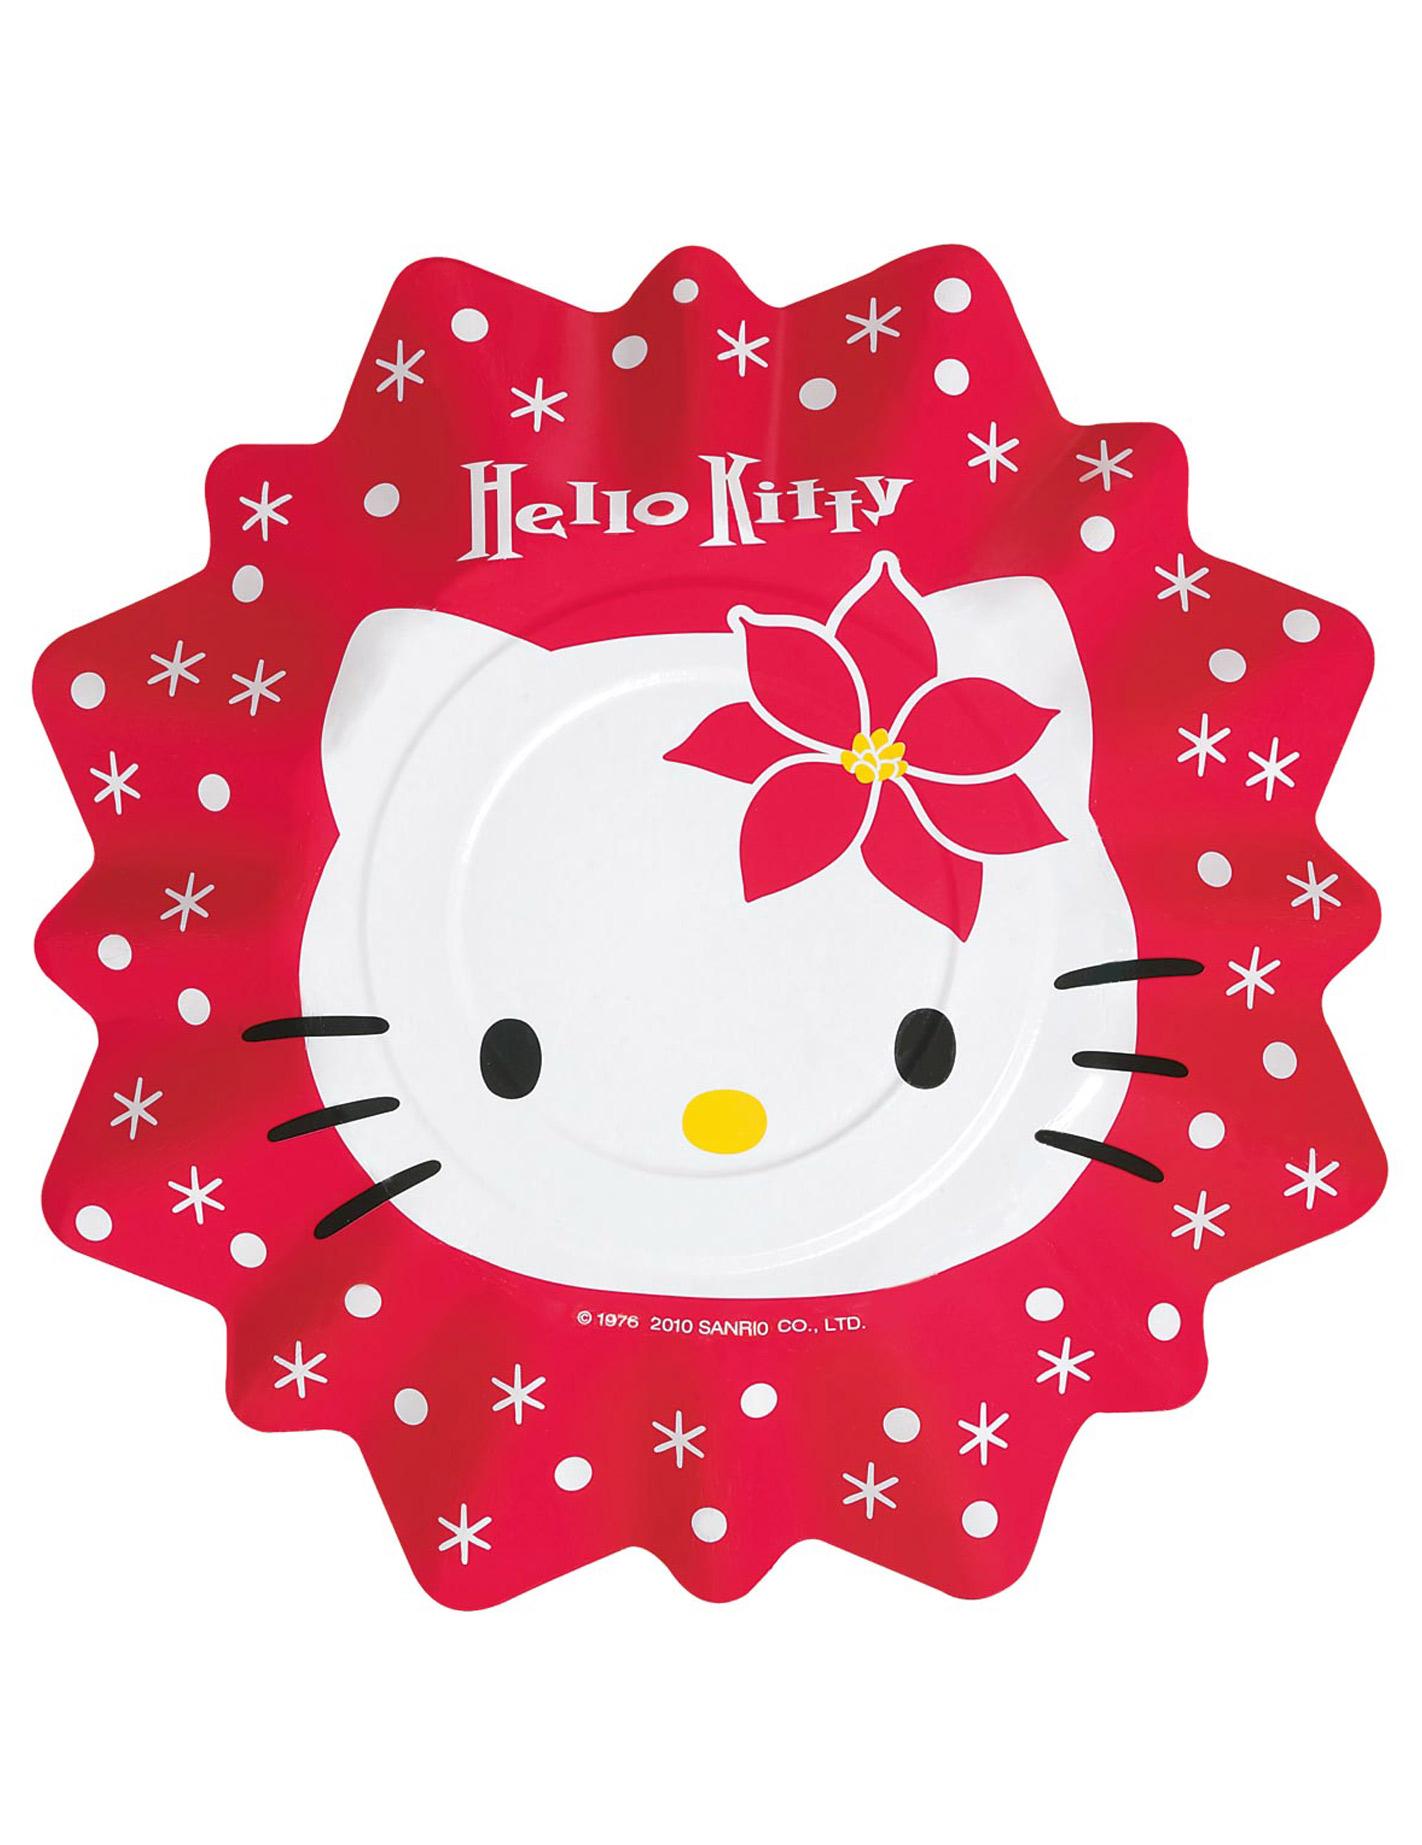 8 platos hello kitty navidad decoraci n y disfraces. Black Bedroom Furniture Sets. Home Design Ideas